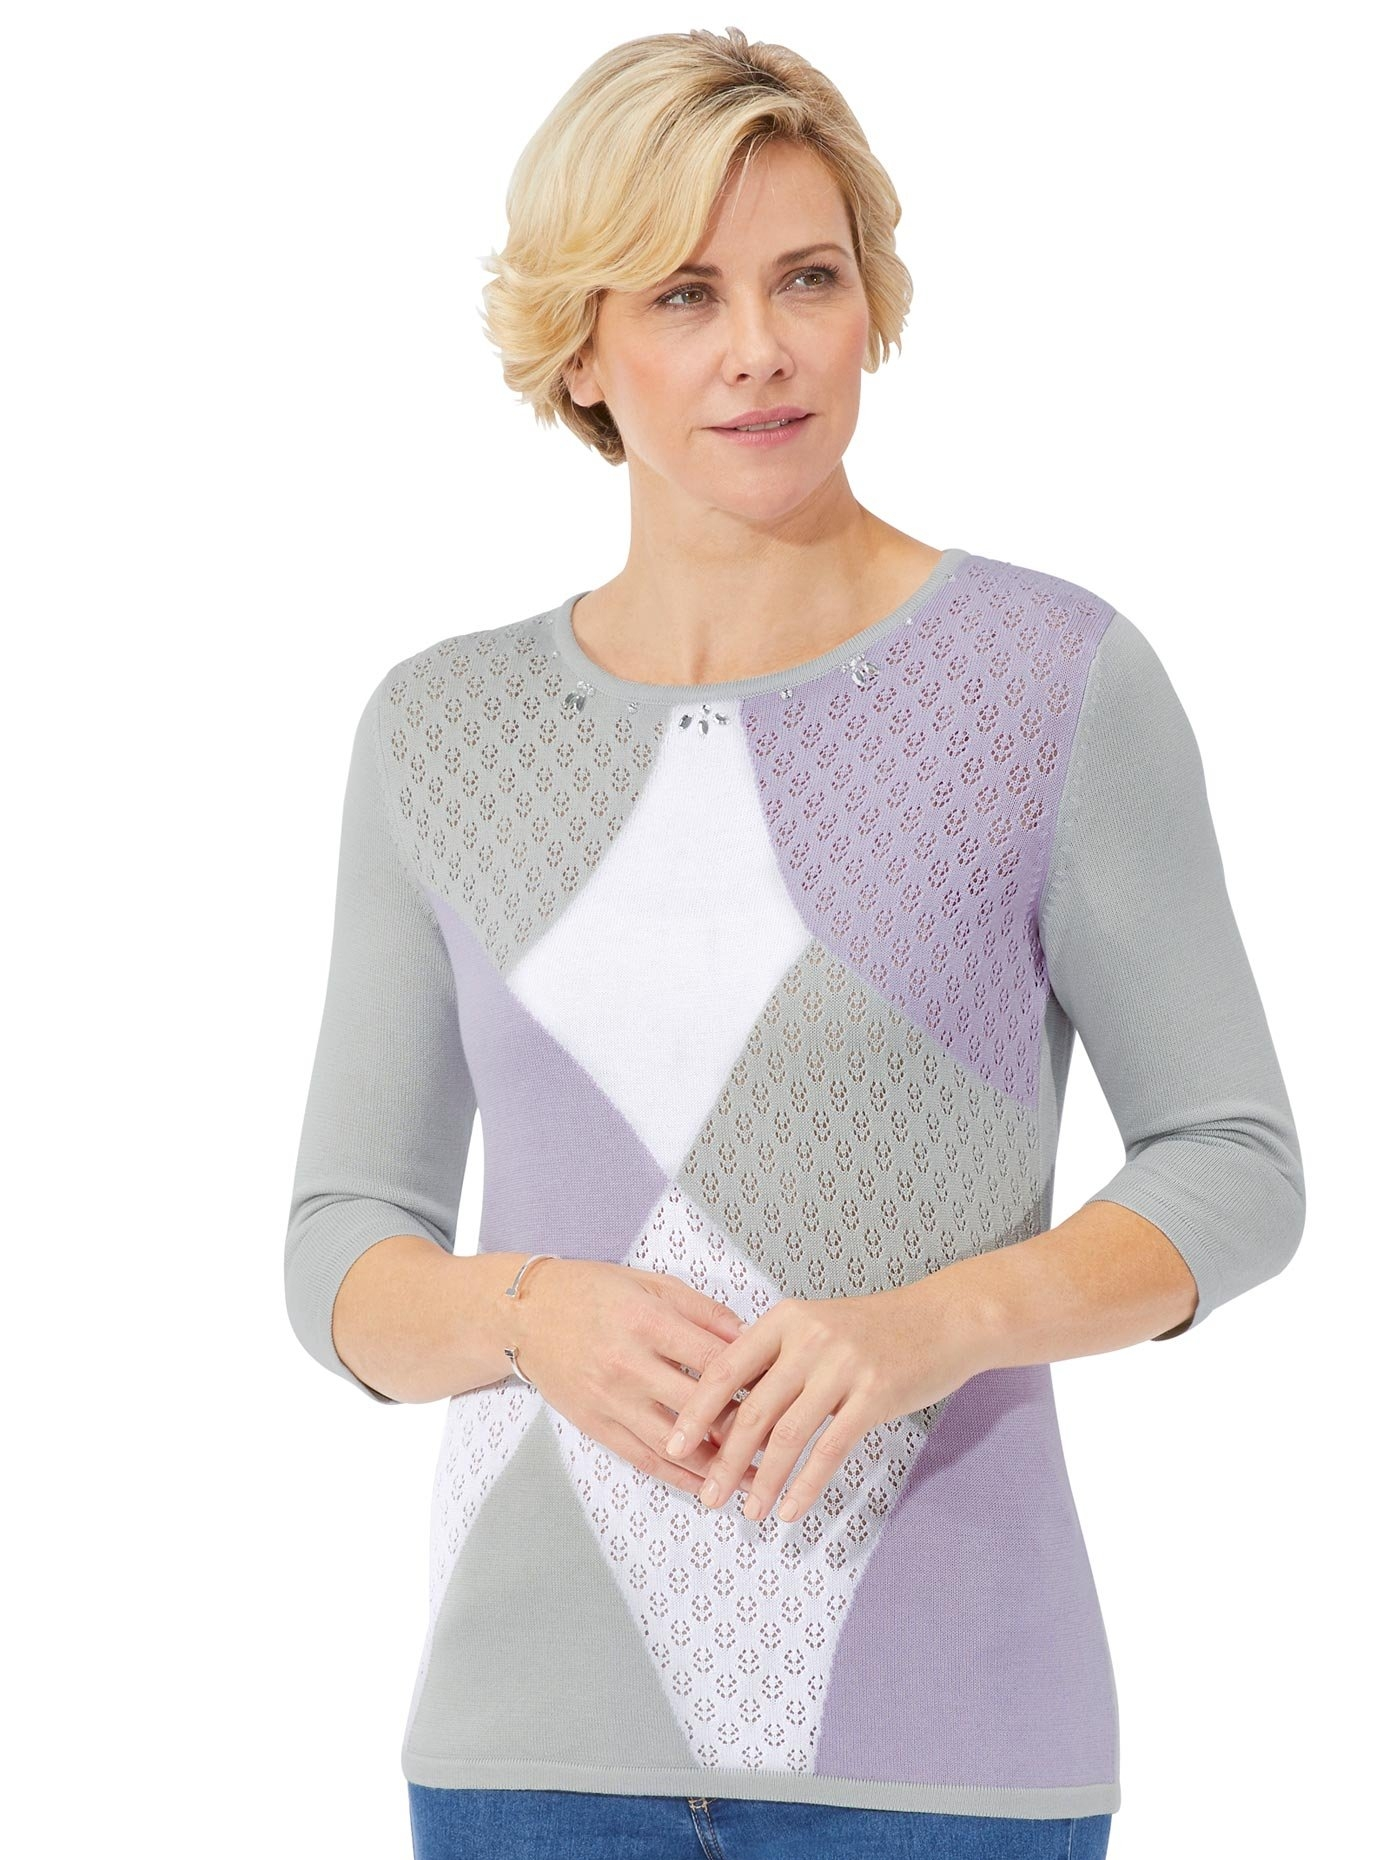 Op zoek naar een Classic trui met ronde hals Trui? Koop online bij OTTO